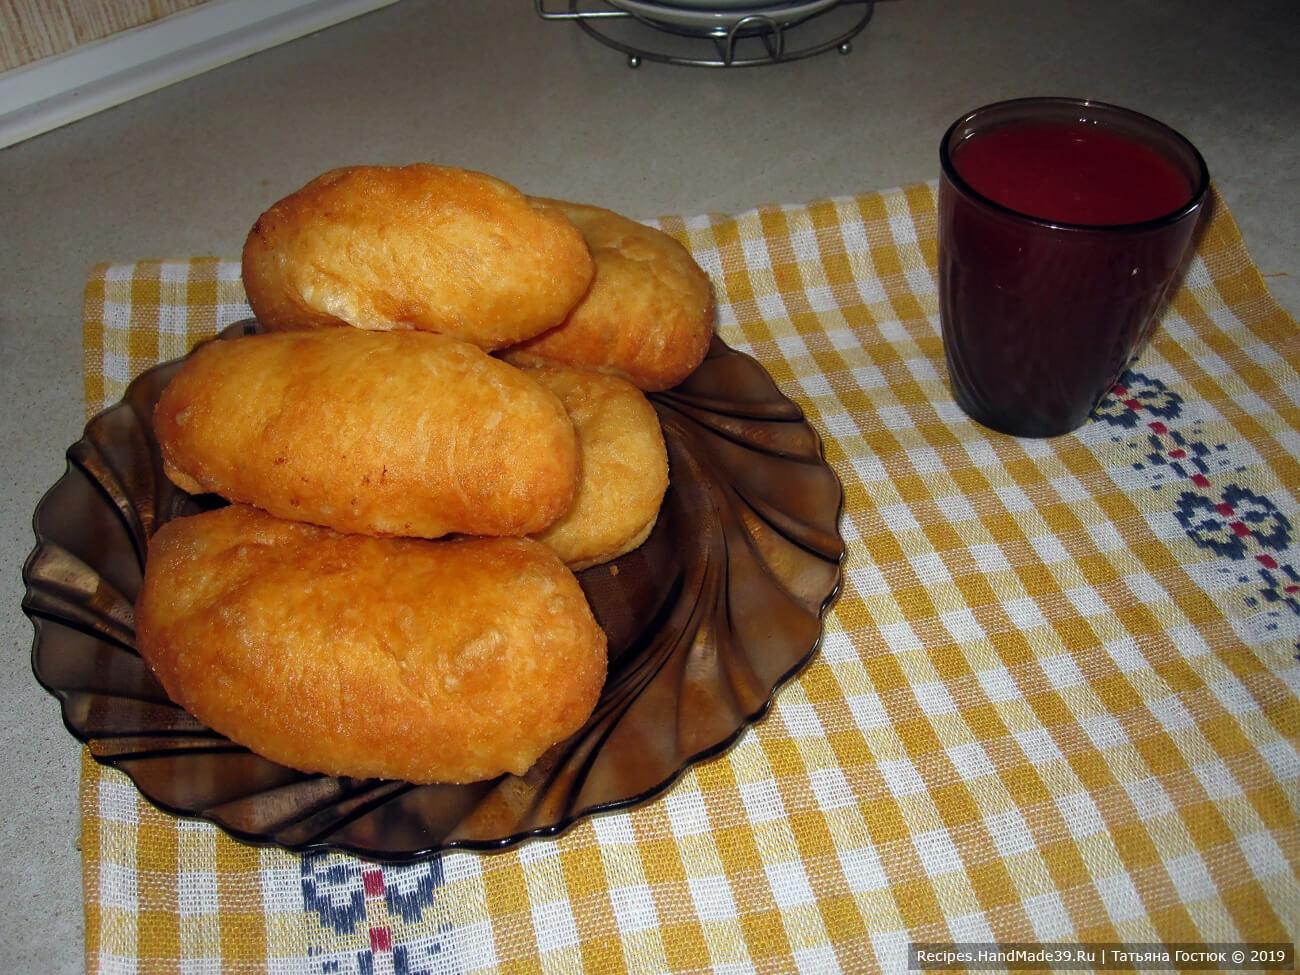 Теперь можно звать домашних к столу и лакомиться свежими горячими пирожками. Хотя, я уверена, семейство уже само пришло – на запах… Приятного аппетита!